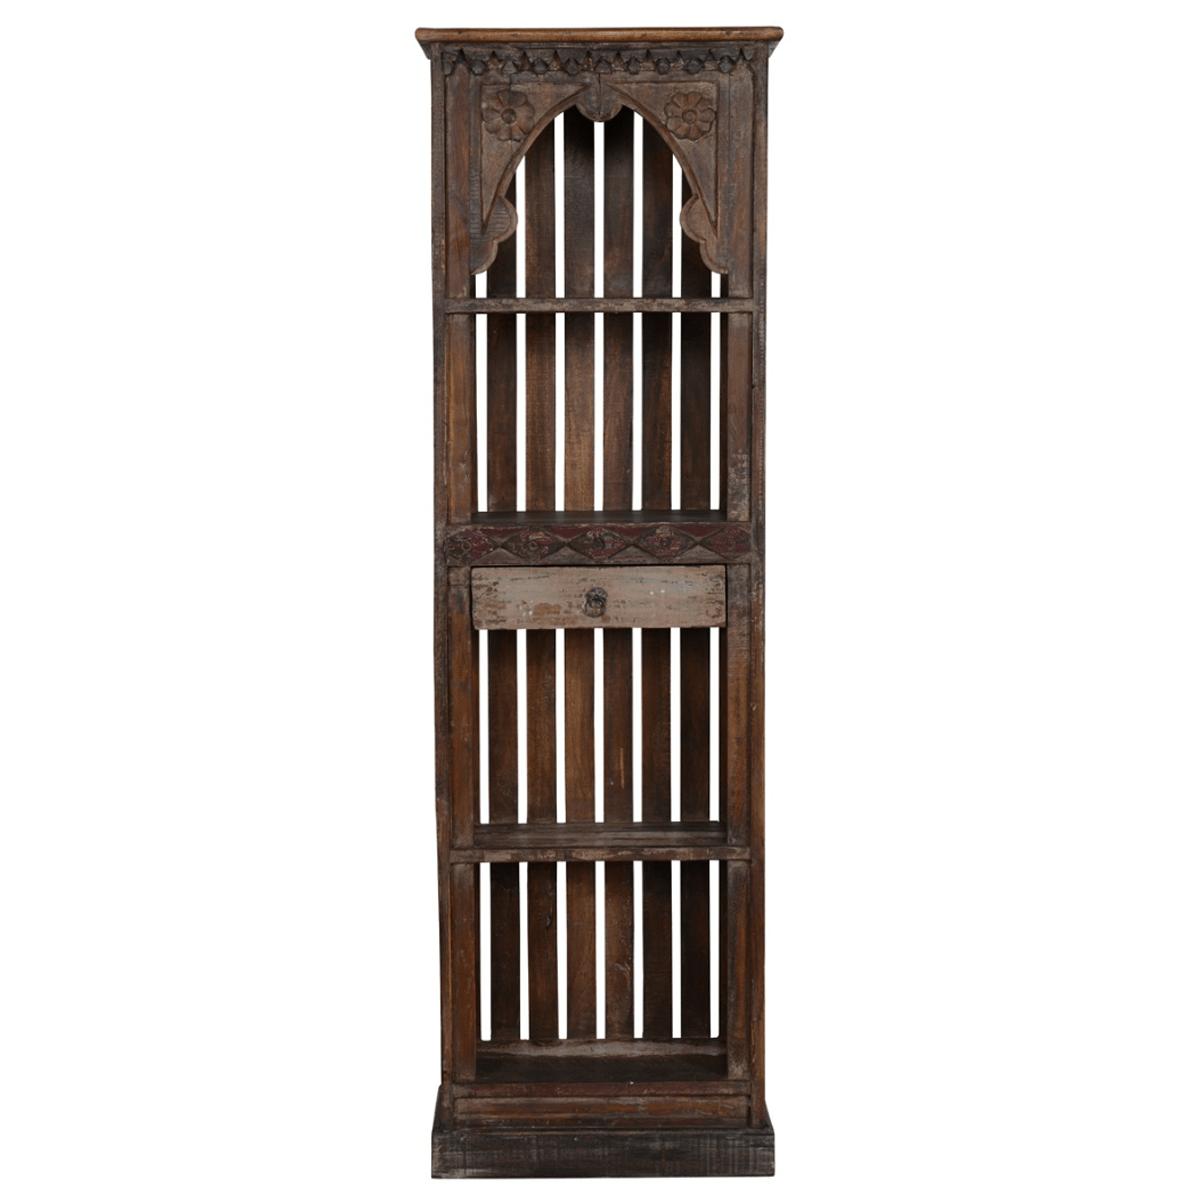 wooden-oaak-bookself-2-shopceladon